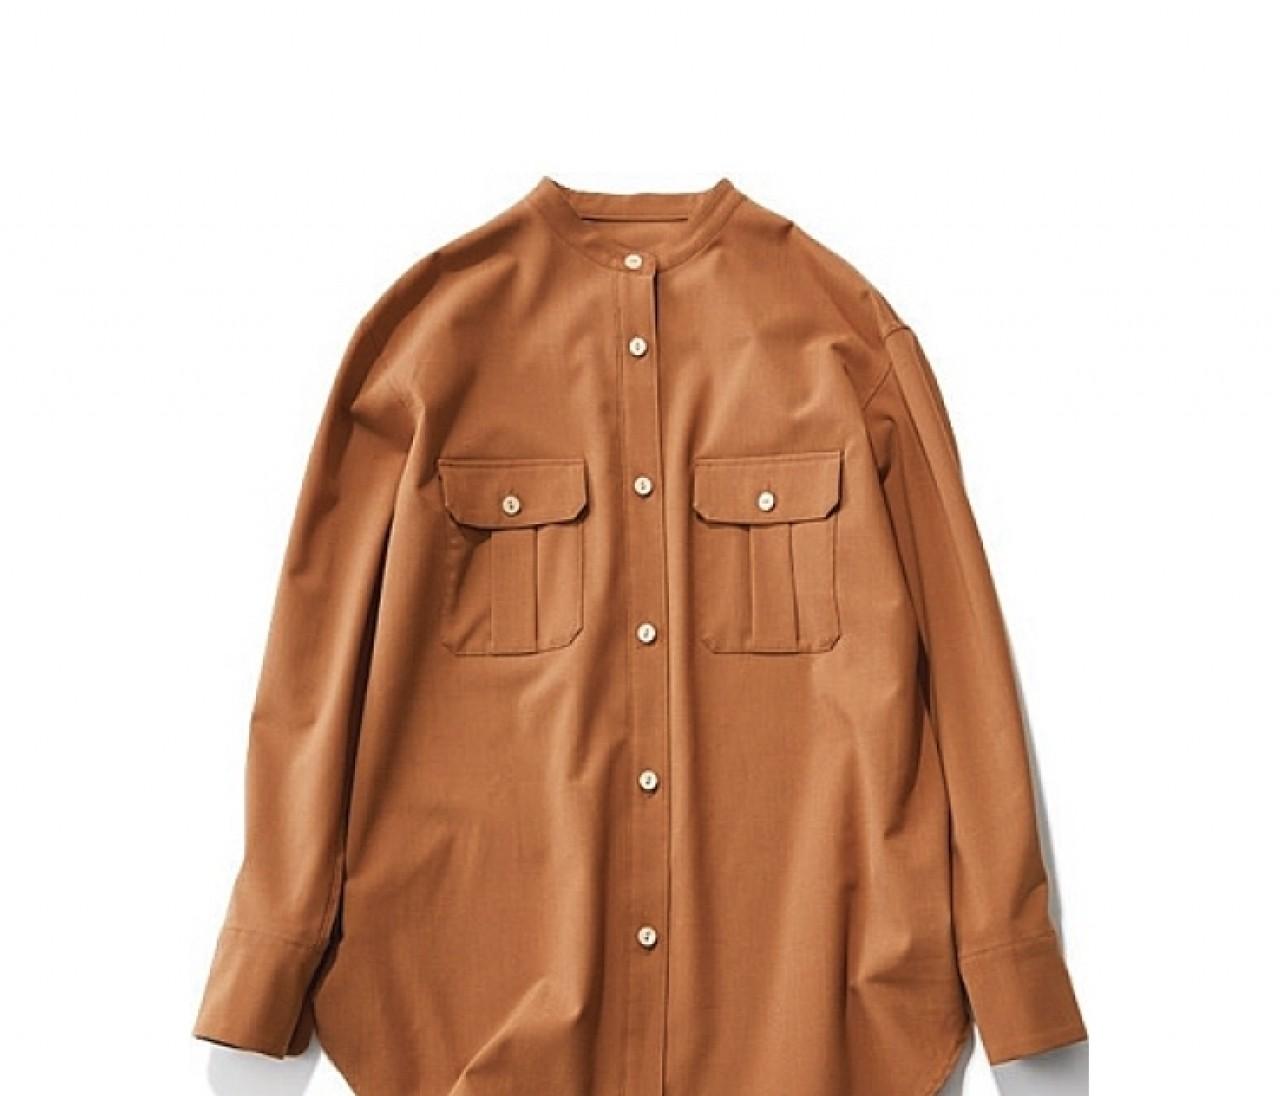 【冬のはおれるシャツ着回し】ジャケットライクに着られる旬デザインシャツで毎日が楽しく♡